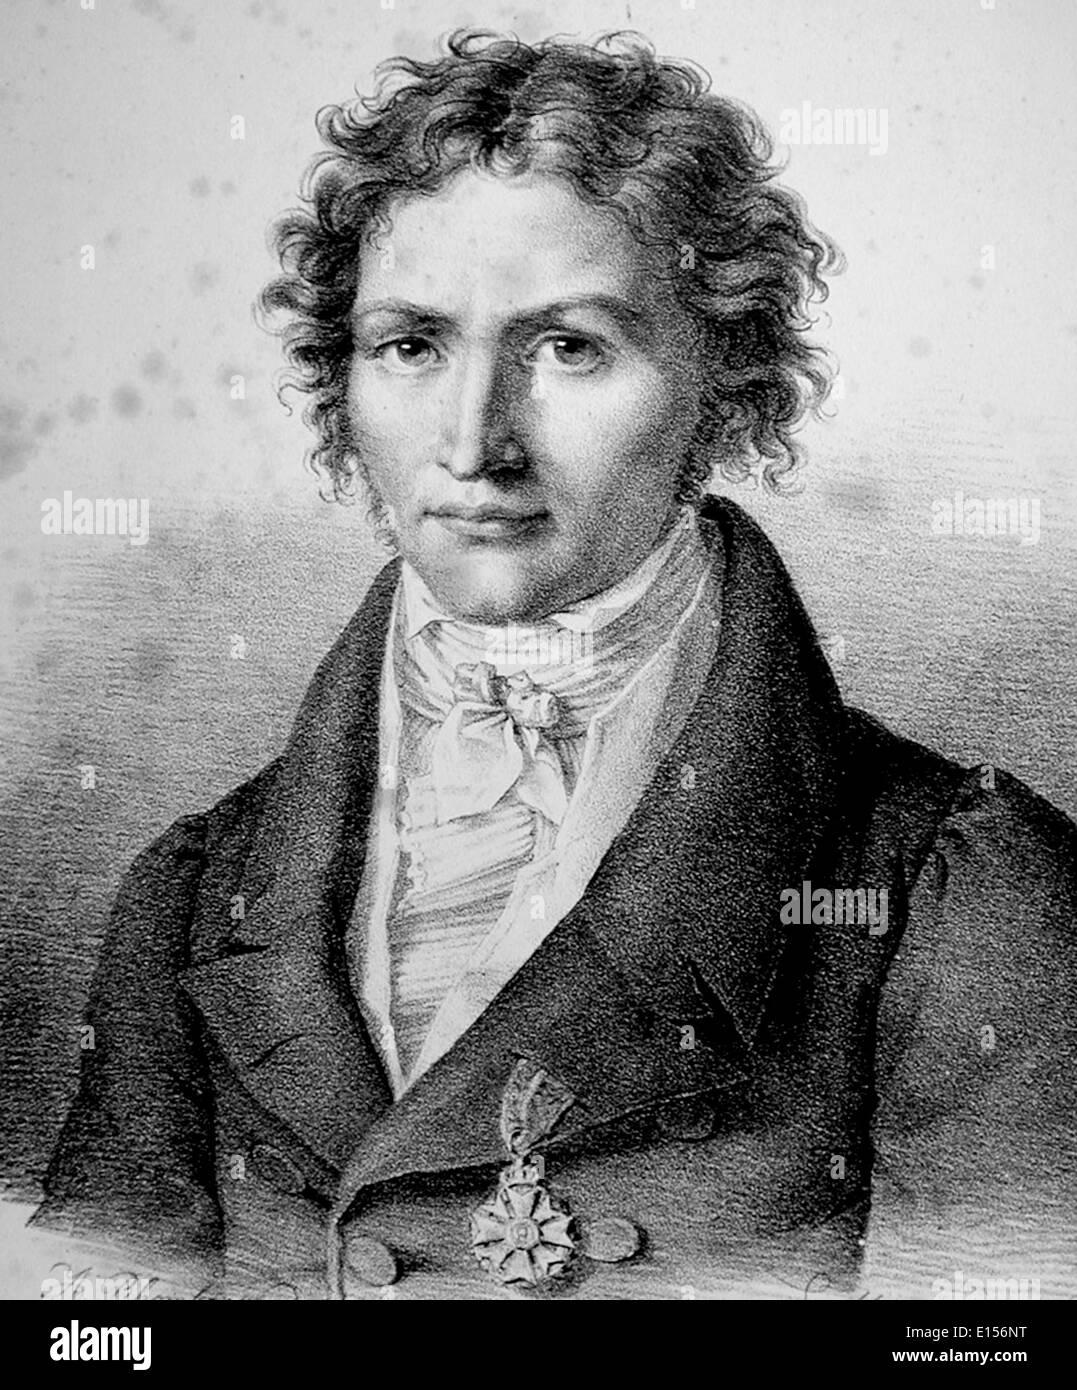 JOHANN BAPTIST von SPIX (1781-1826) German biologist - Stock Image